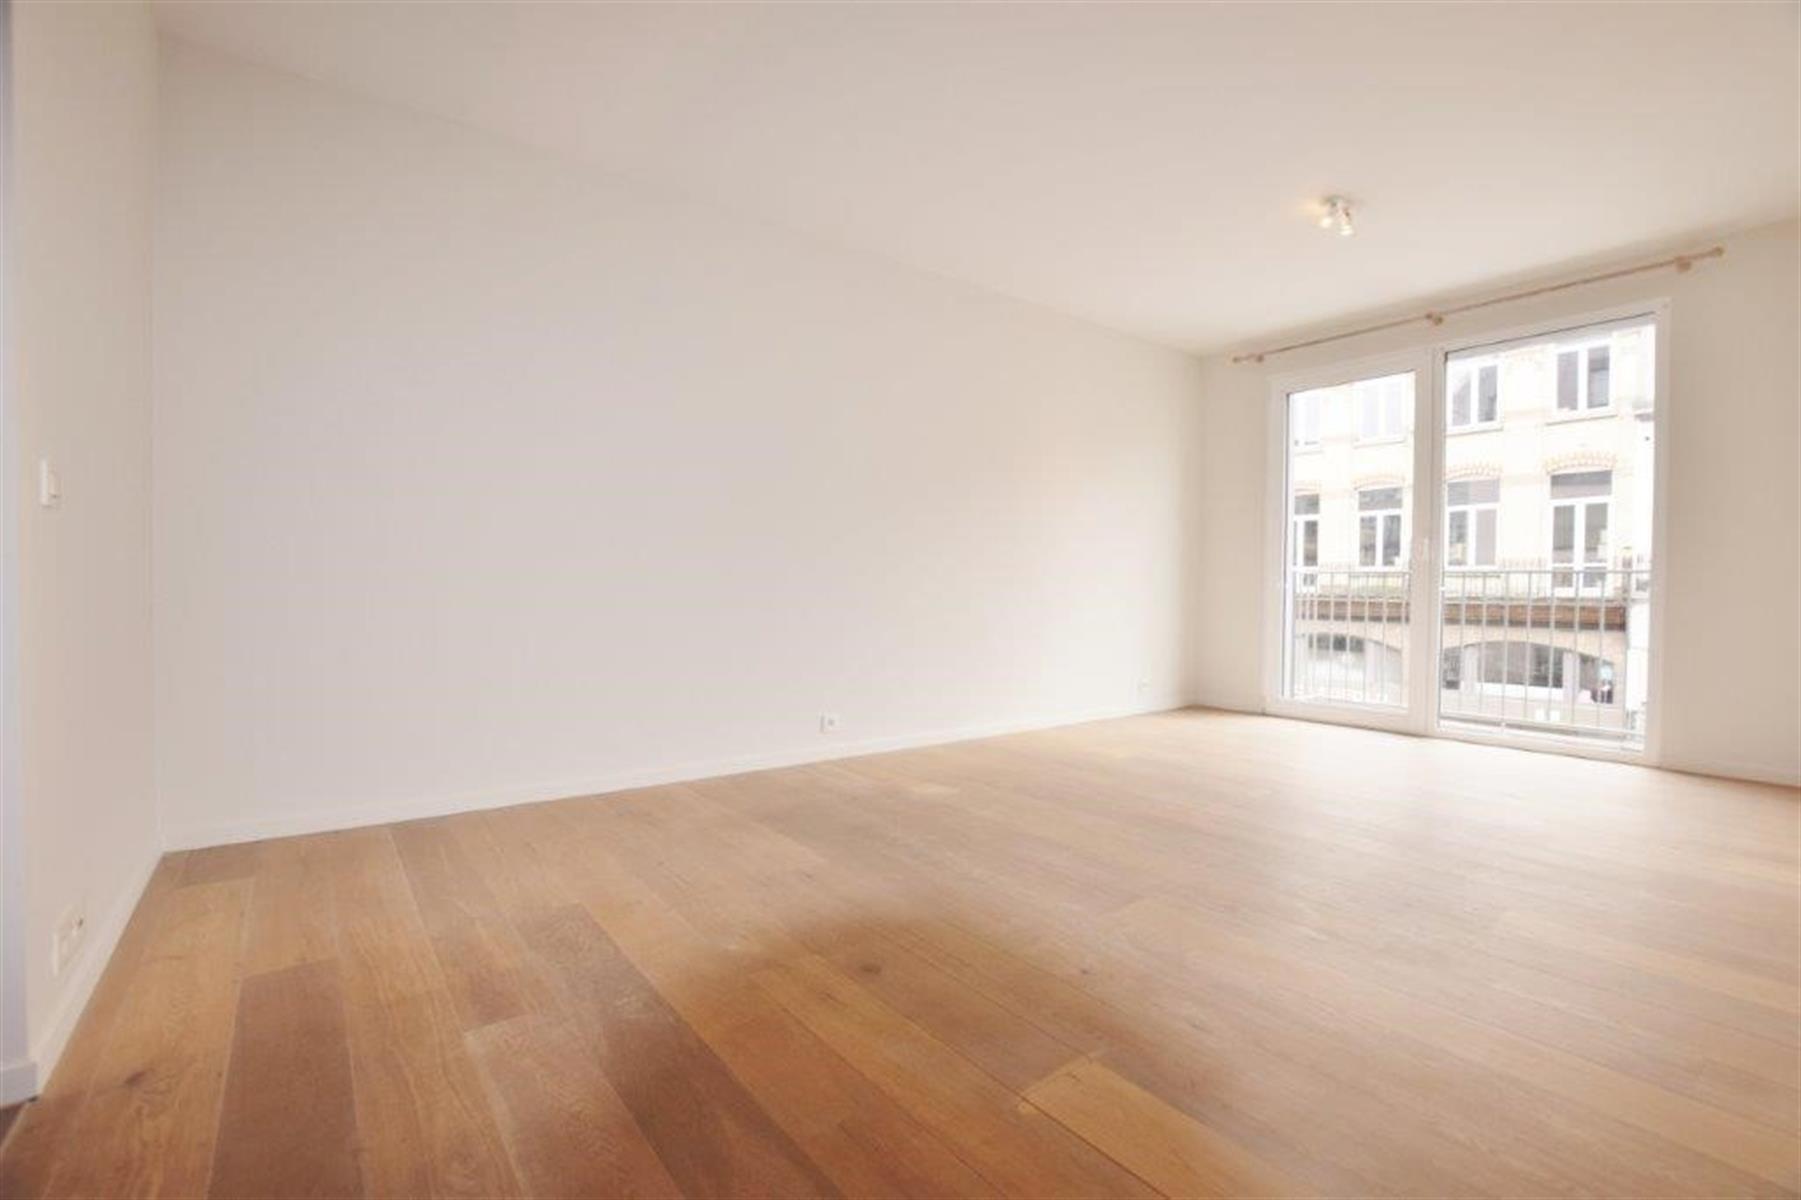 Appartement - Etterbeek - #4355277-3